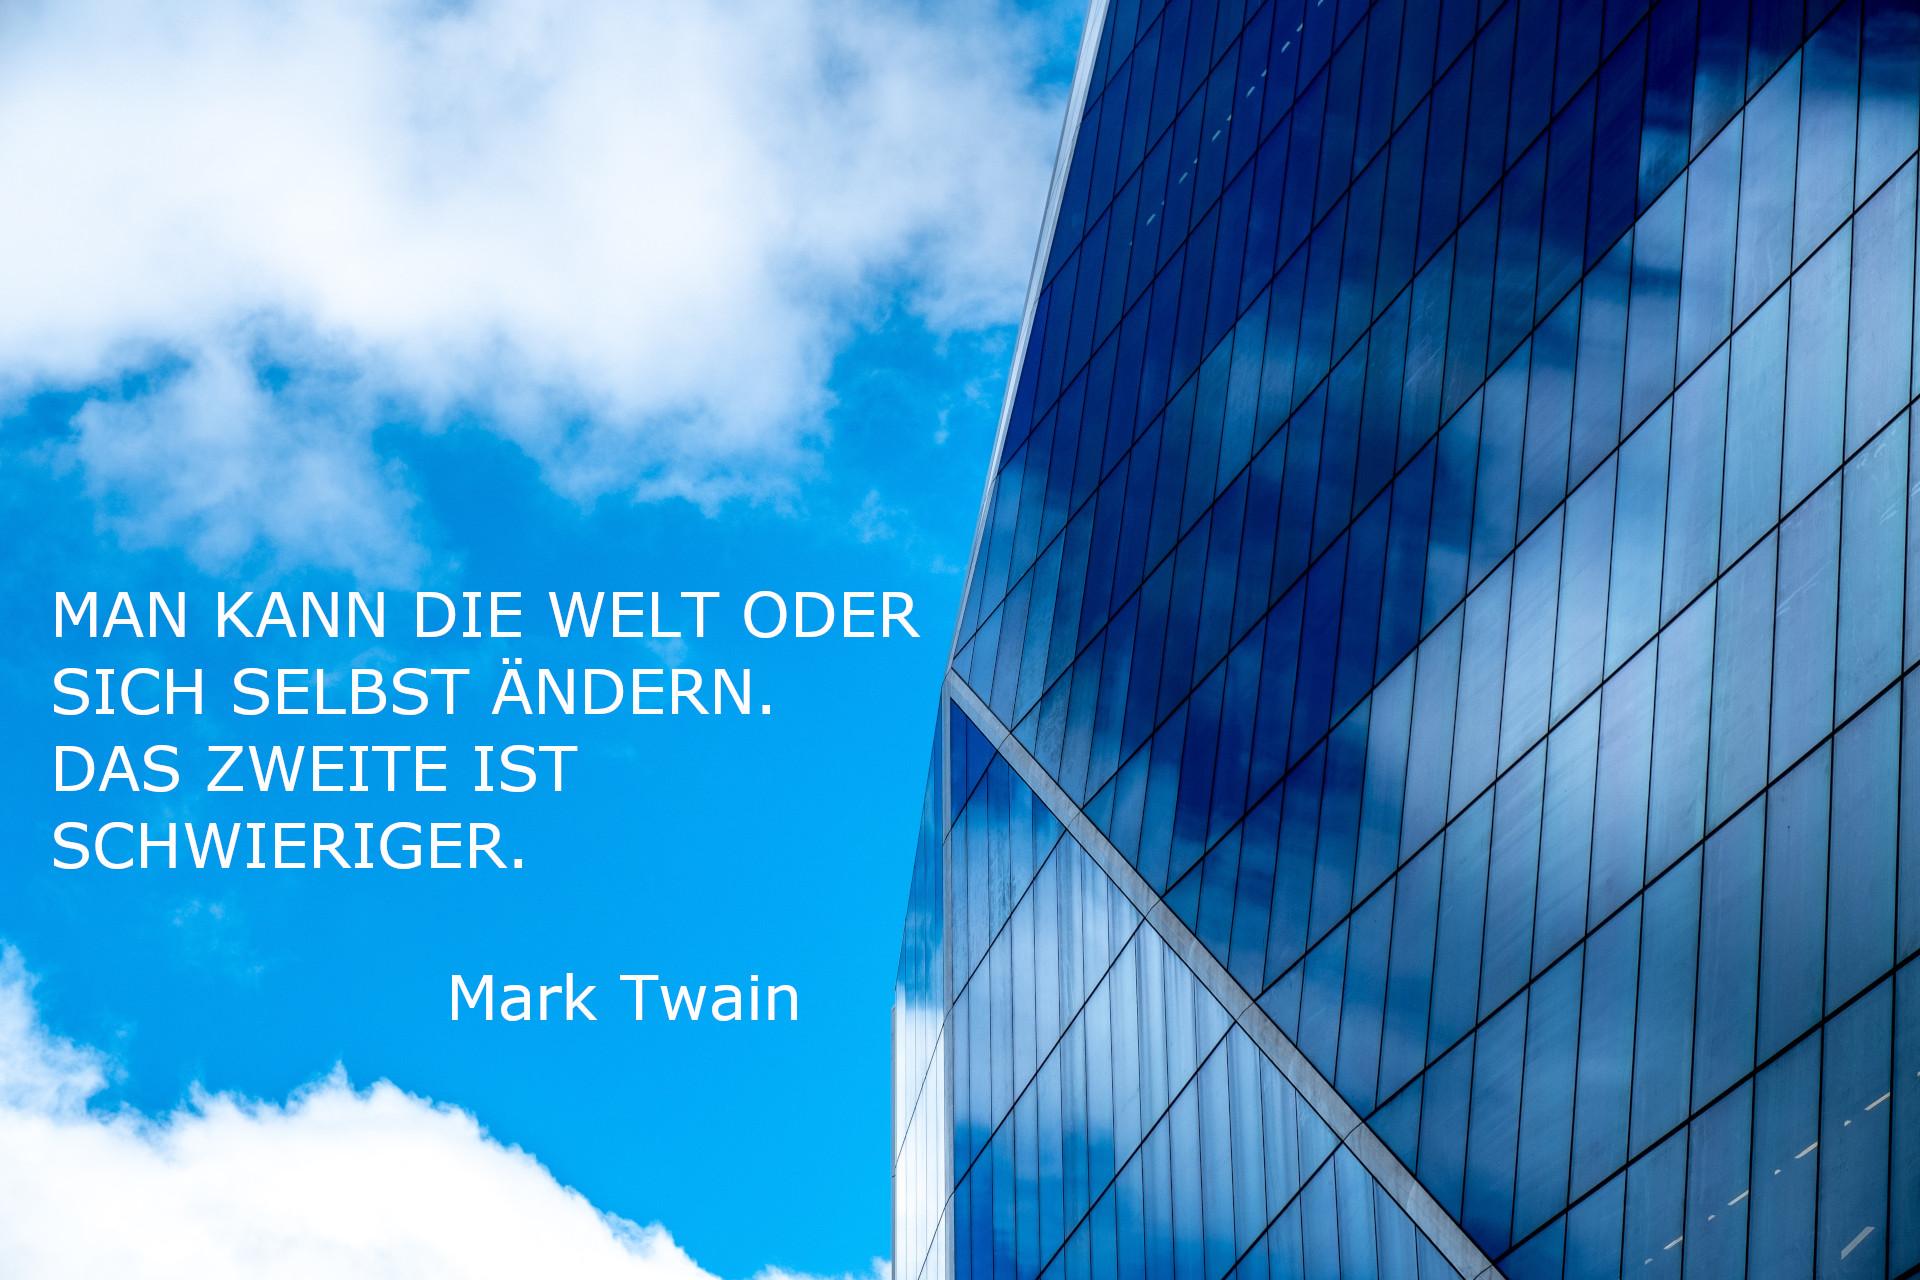 Himmel und Bürogebäude